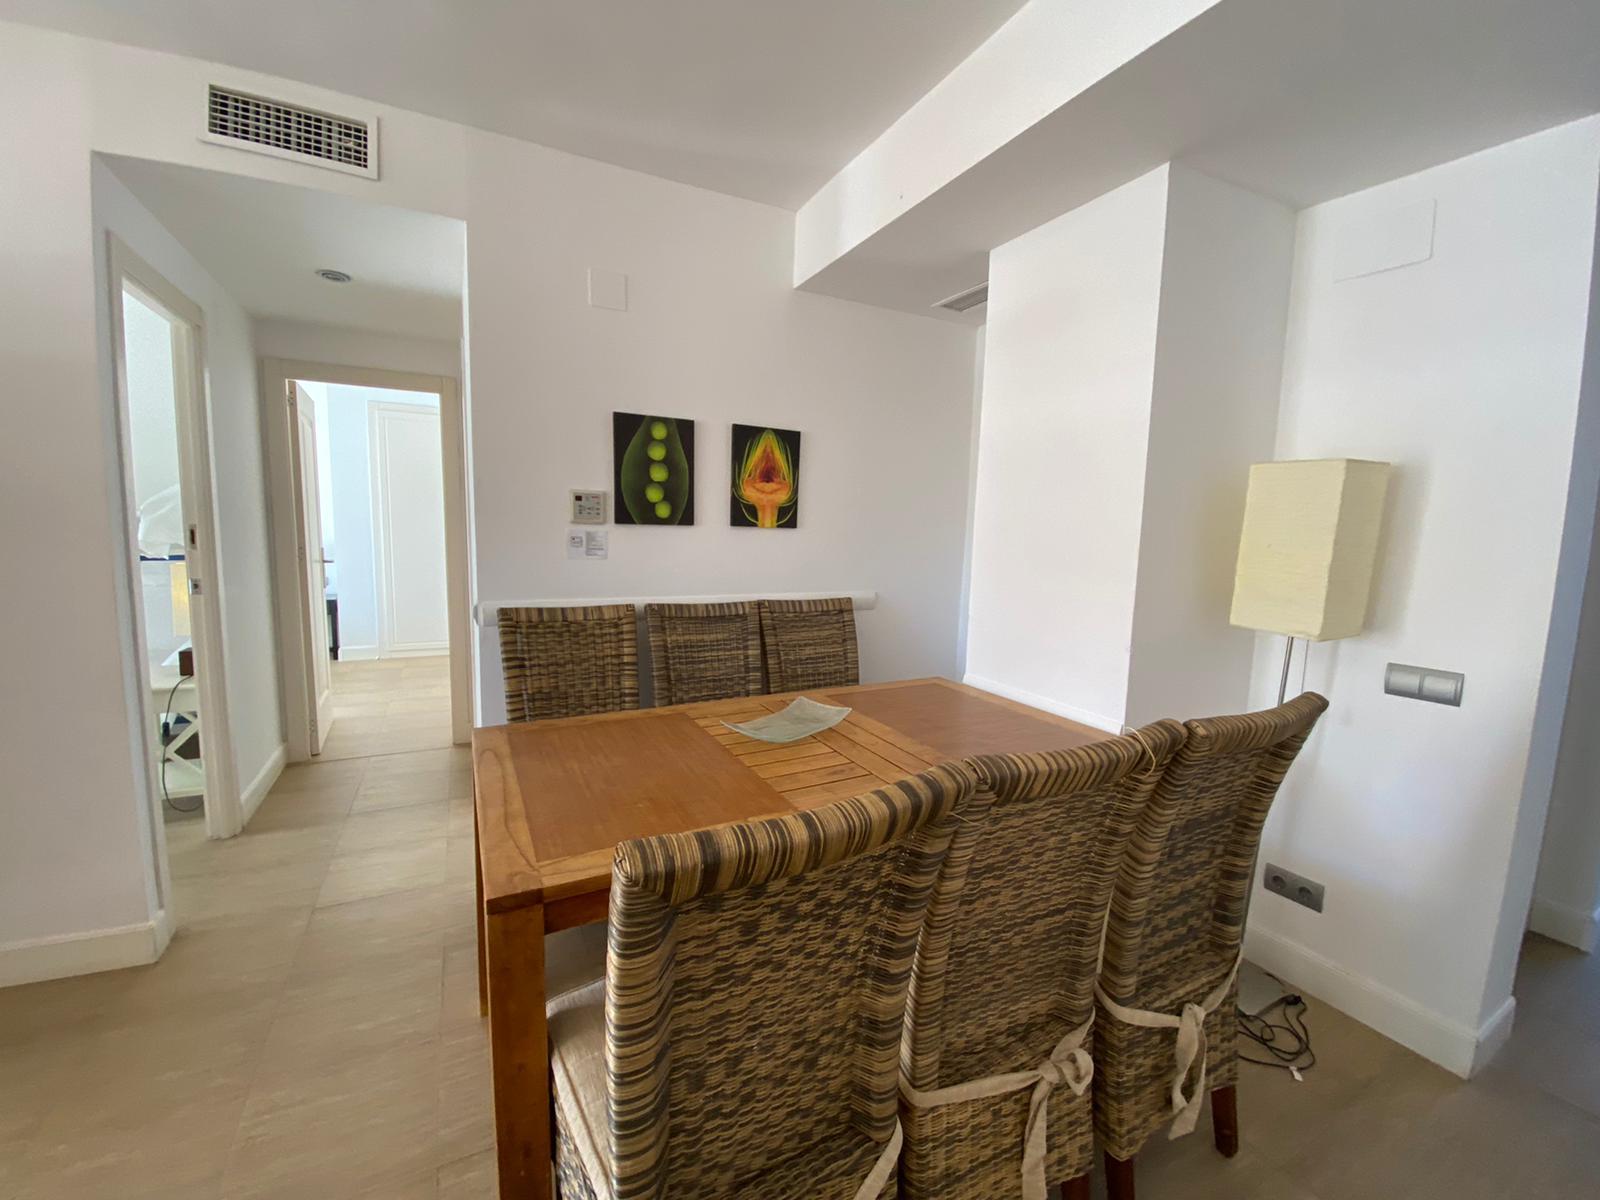 Imagen 15 del Apartamento Turístico, Ático 7 Poniente (3d+2b), Punta del Moral (HUELVA), Paseo de la Cruz nº22